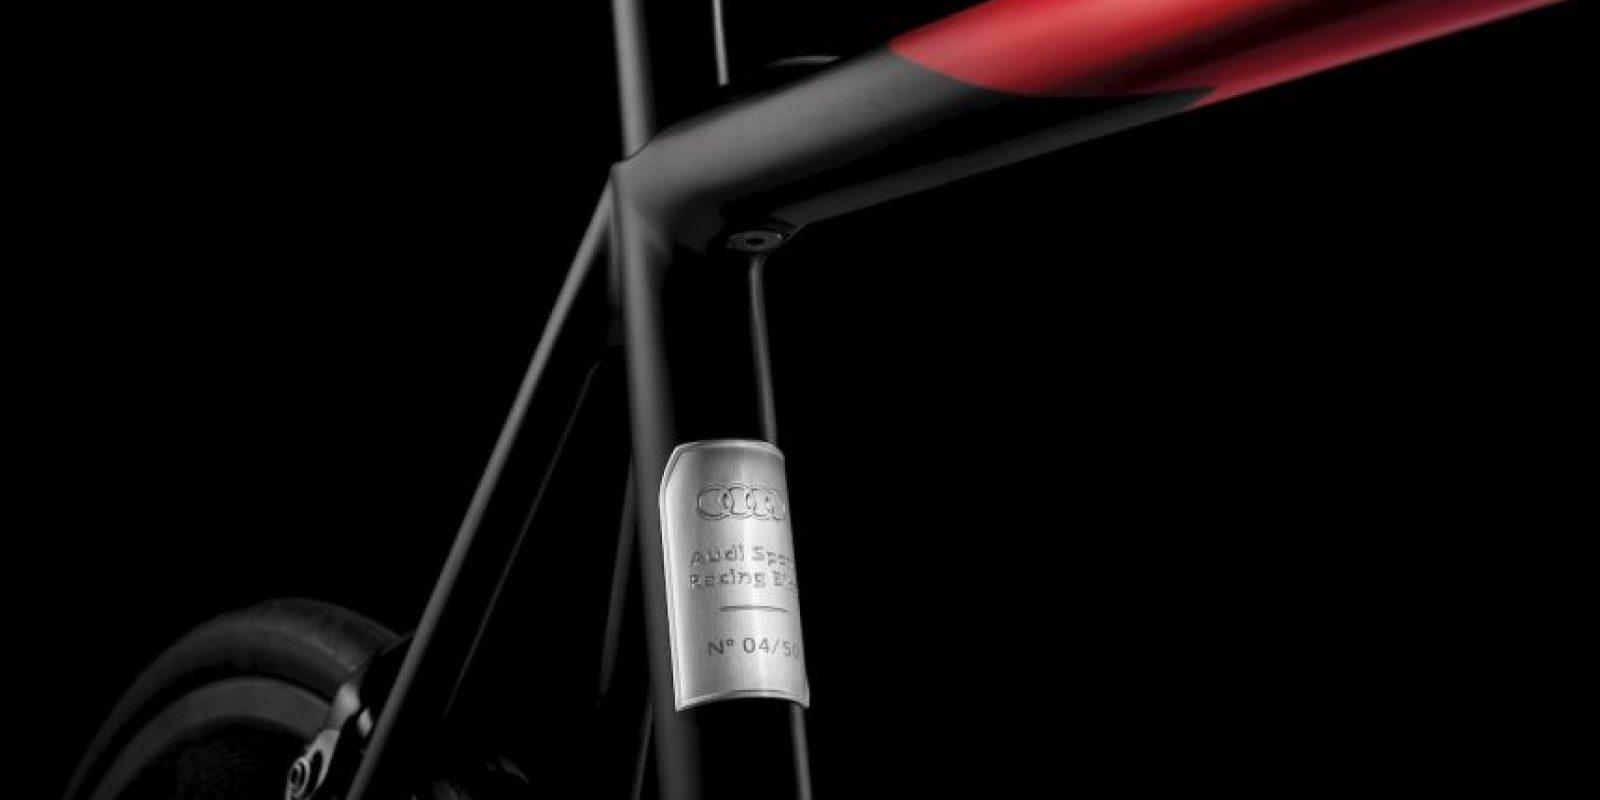 Cada pieza tiene una insignia de edición limitada. Foto:Audi